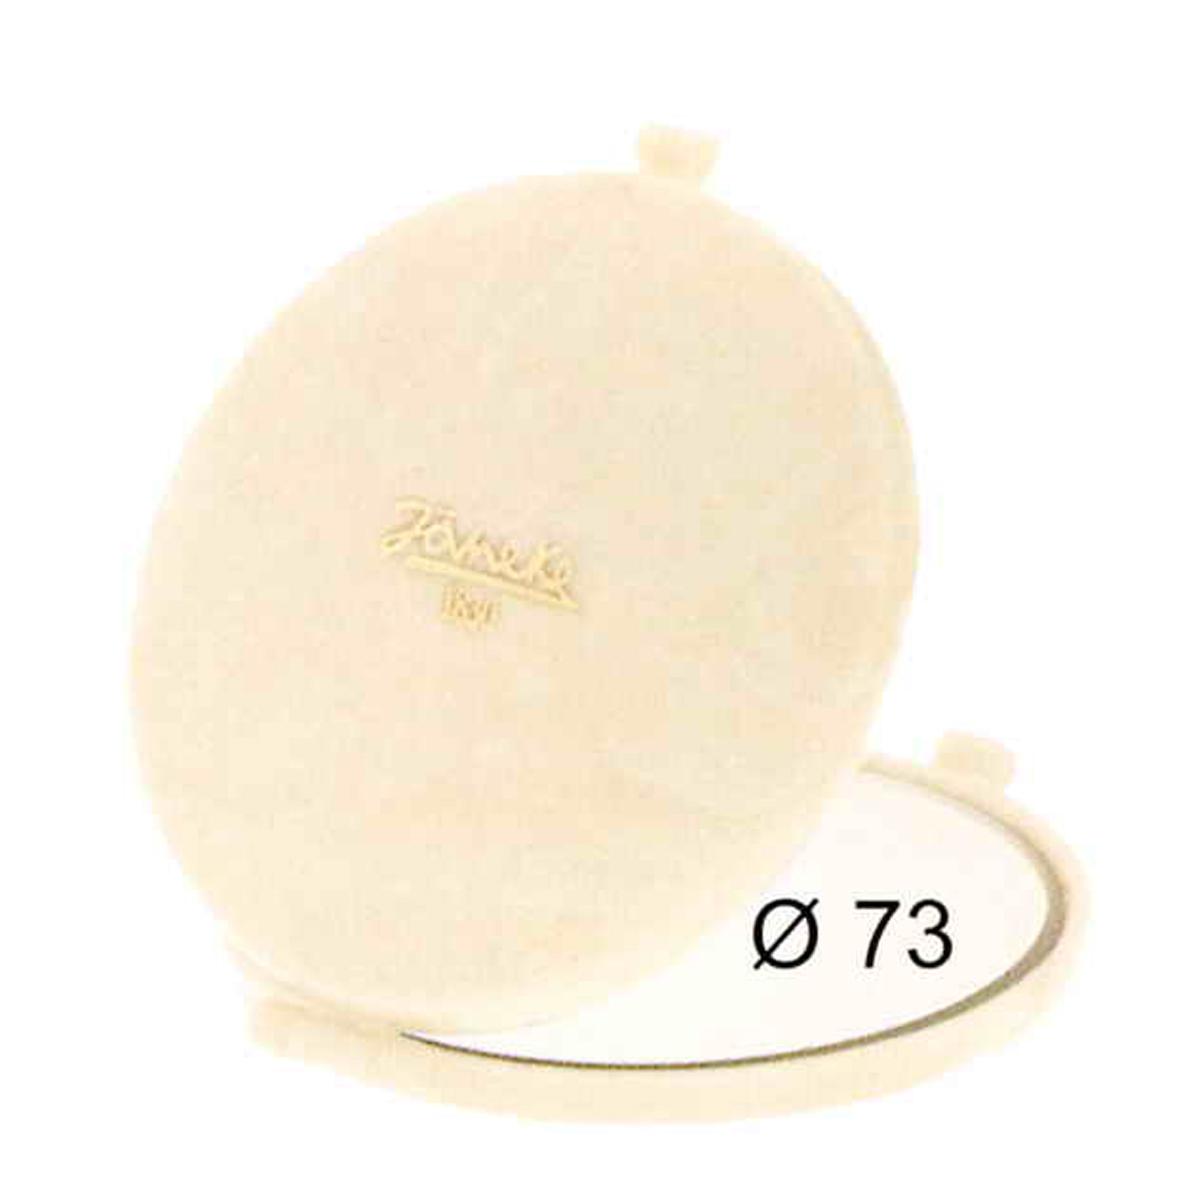 Janeke Зеркало для сумки D73, 74448Satin Hair 7 BR730MNМарка Janeke – мировой лидер по производству расчесок, щеток, маникюрных принадлежностей, зеркал и косметичек. Марка Janeke, основанная в 1830 году, вот уже почти 180 лет поддерживает непревзойденное качество своей продукции, сочетая новейшие технологии с традициями ста- рых миланских мастеров. Все изделия на 80% производятся вручную, а инновационные технологии и современные материалы делают продукцию марки поистине уникальной. Стильный и эргономичный дизайн, яркие цветовые решения – все это приносит истин- ное удовольствие от использования аксессуаров Janeke. Компактные зеркала Janeke имеют линзы с обычным и трехкратным увеличением, которые позволяют быстро и легко поправить макияж в дороге. А благодаря стильному дизайну и миниатюрному размеру компактное зеркало Janeke станет любимым аксессуаром любой женщины.